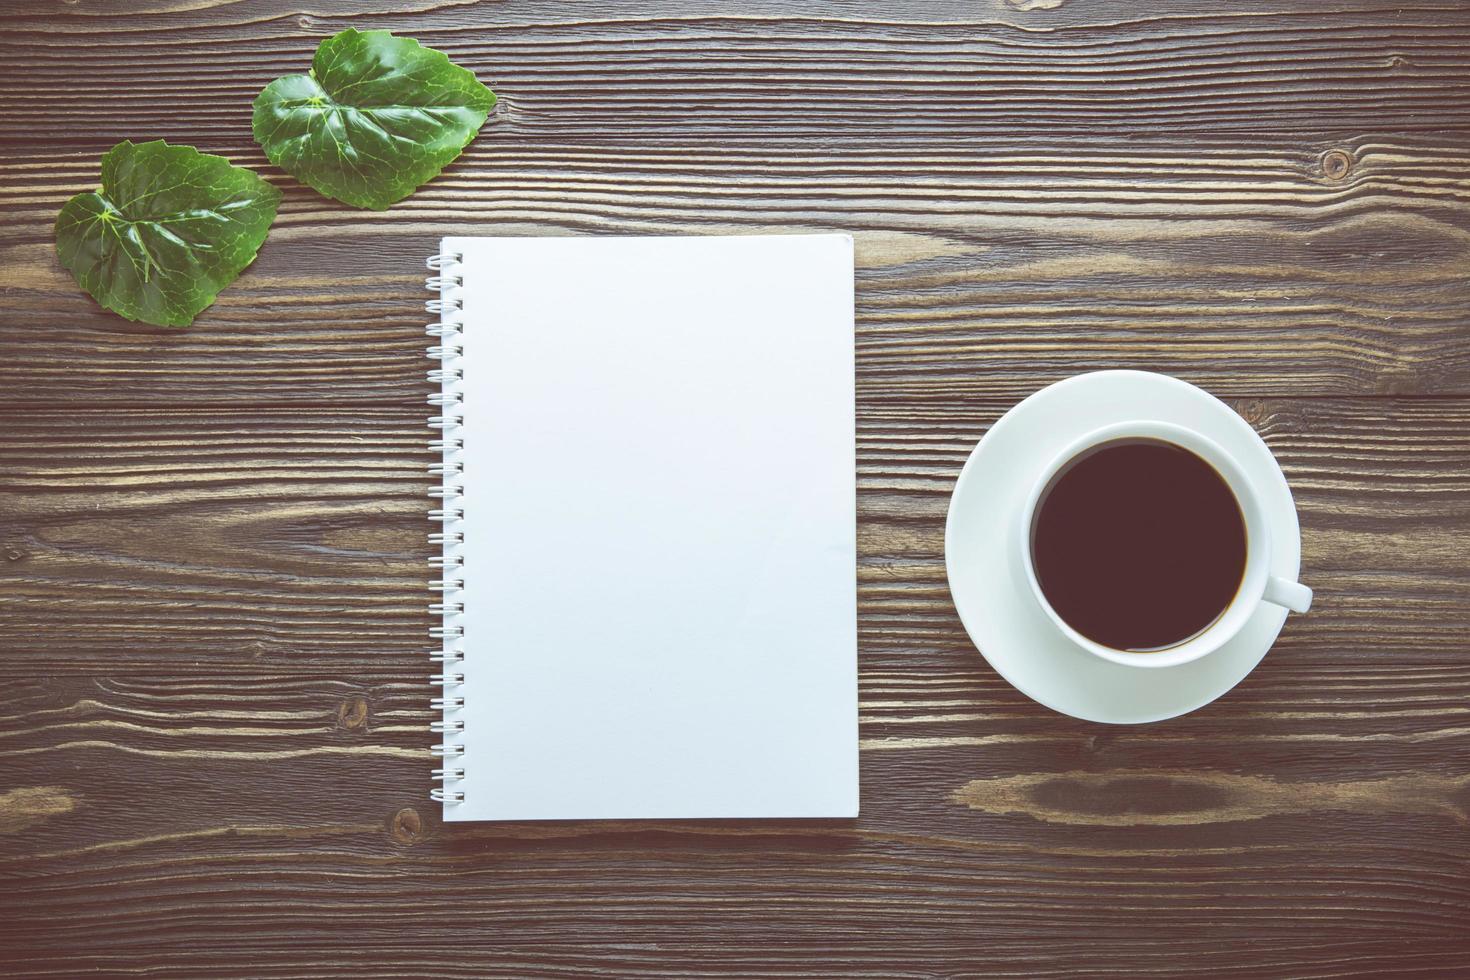 cahier vide avec une tasse de café photo